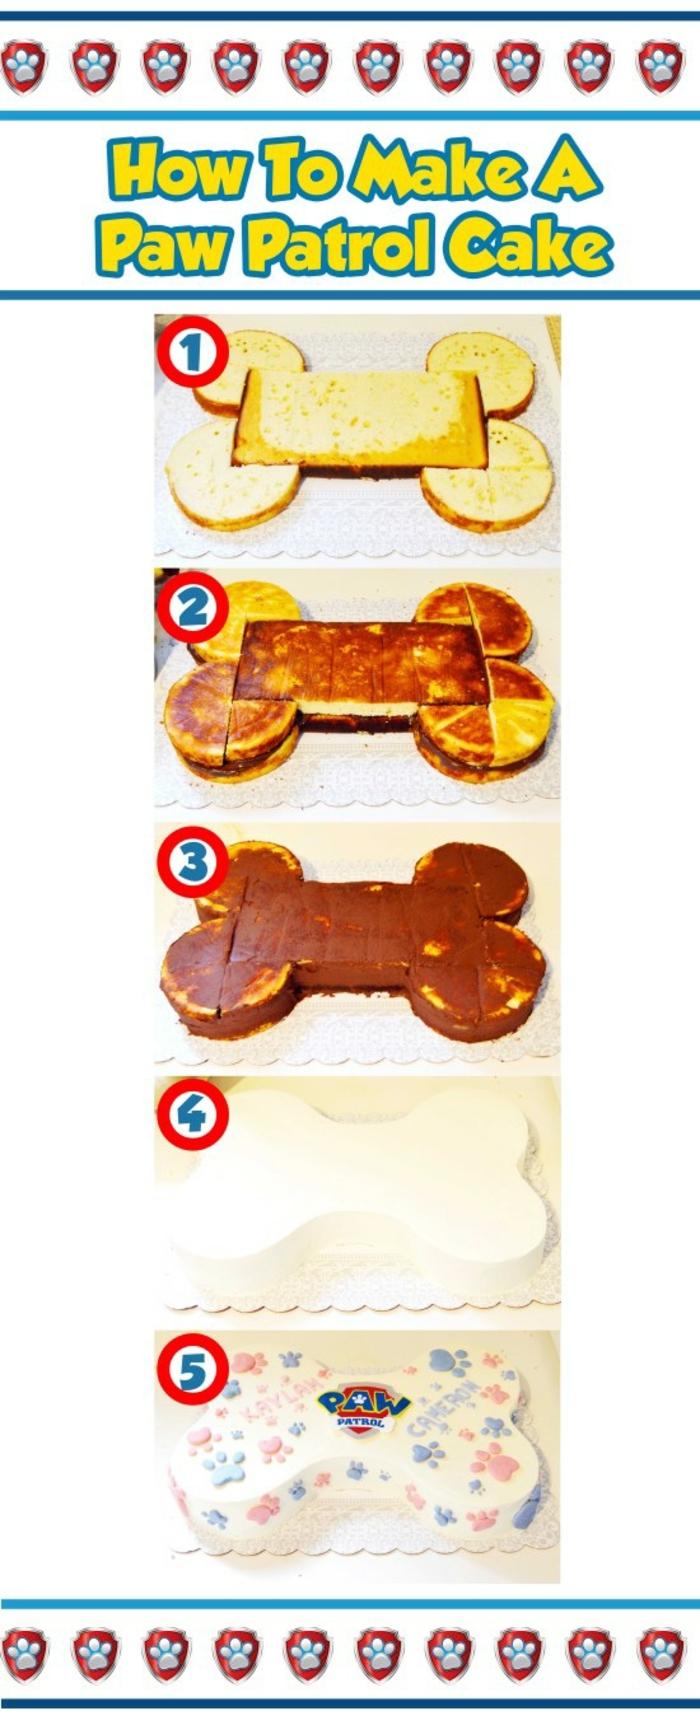 variante astucieuse pour faire un gâteau pat patrouille en form d'os et au glaçage chocolat